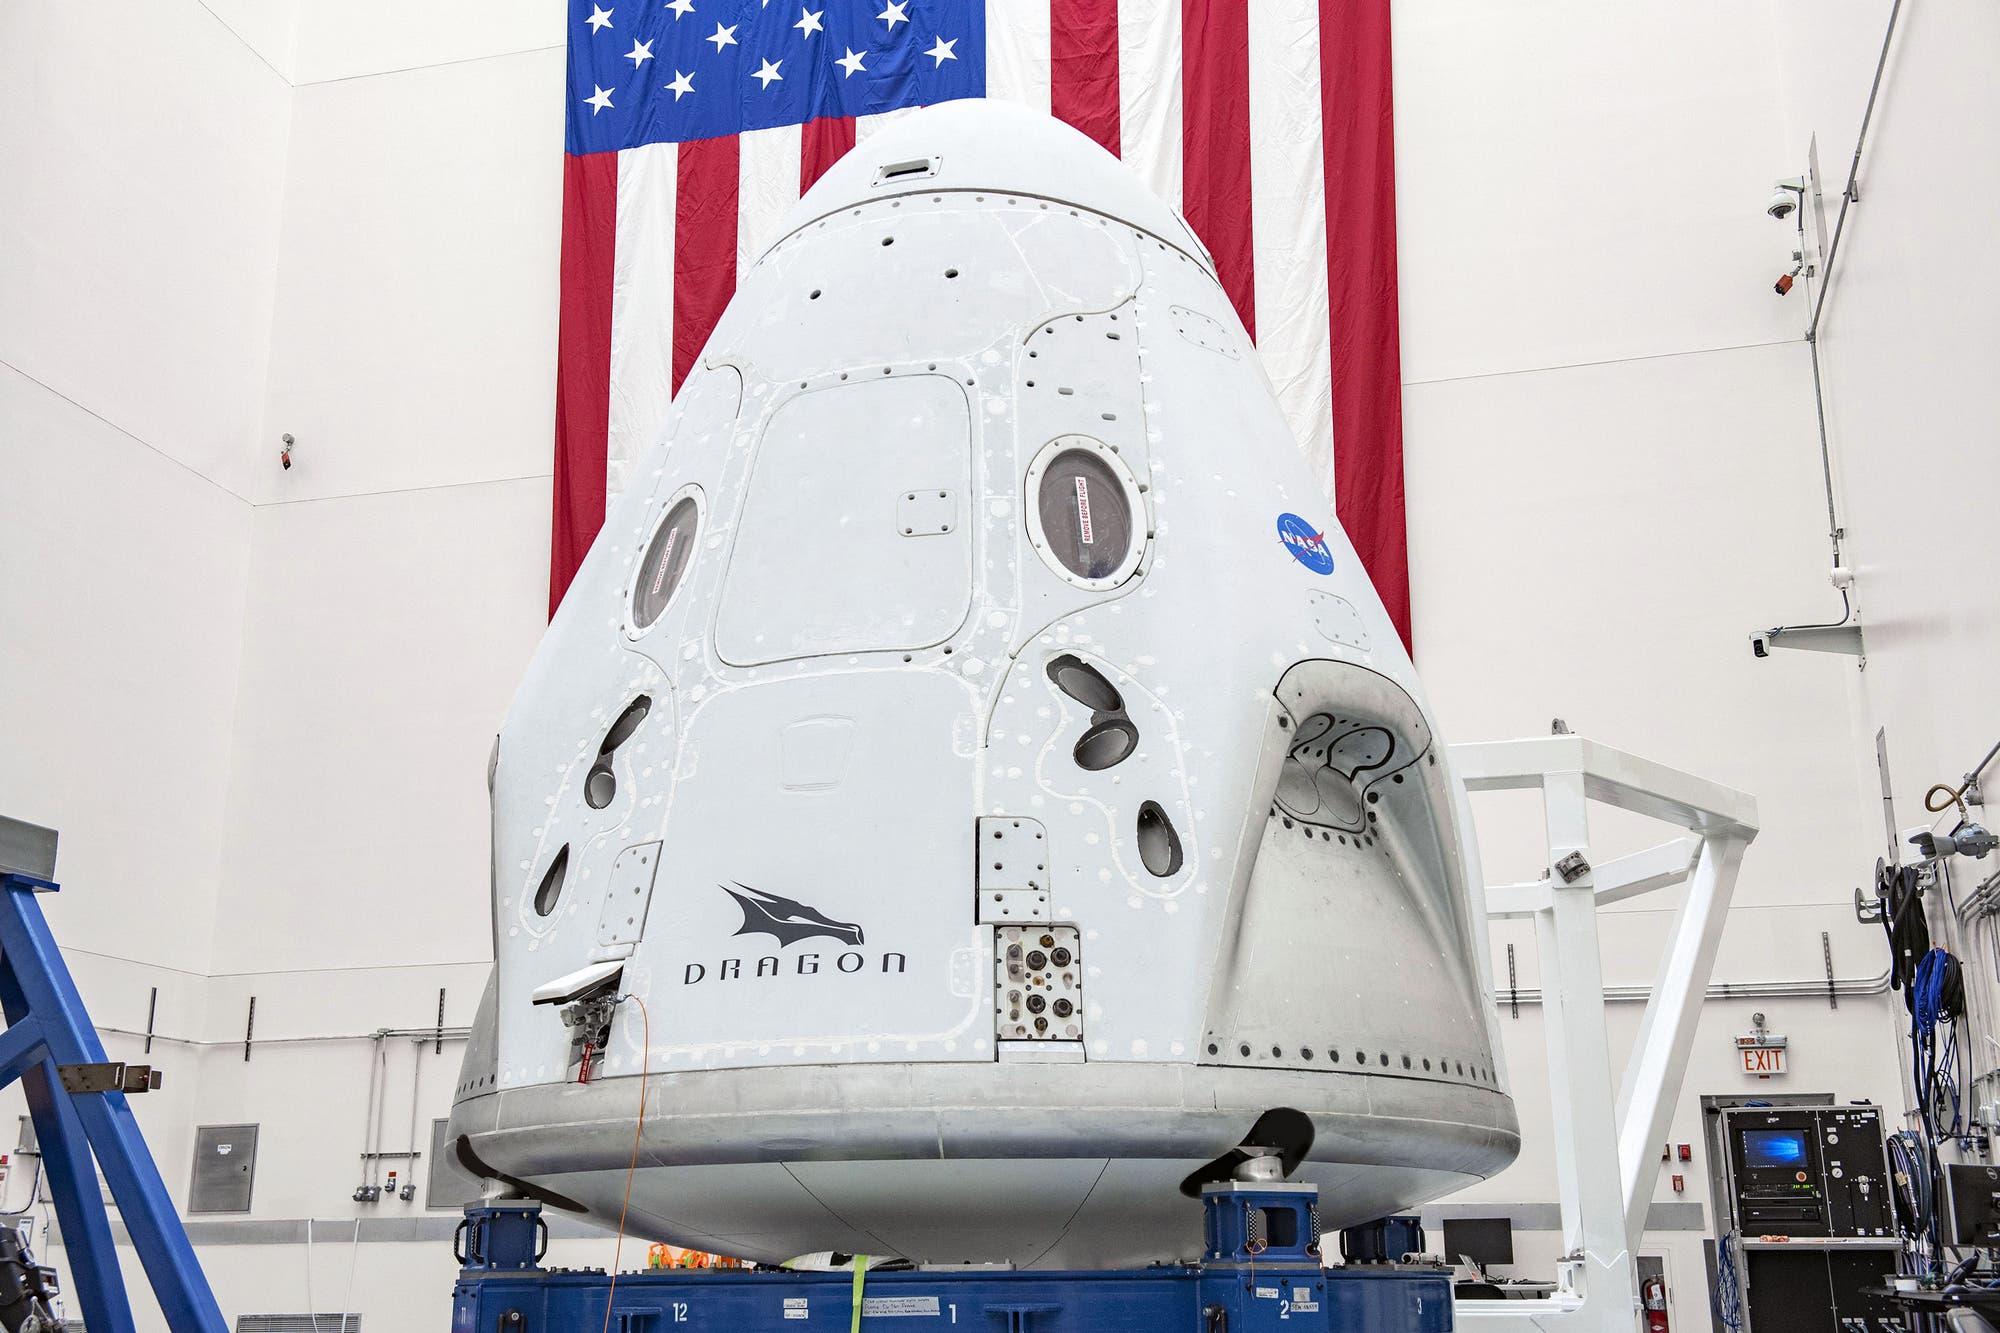 La NASA anuncia el primer lanzamiento tripulado de SpaceX para el 27 de mayo